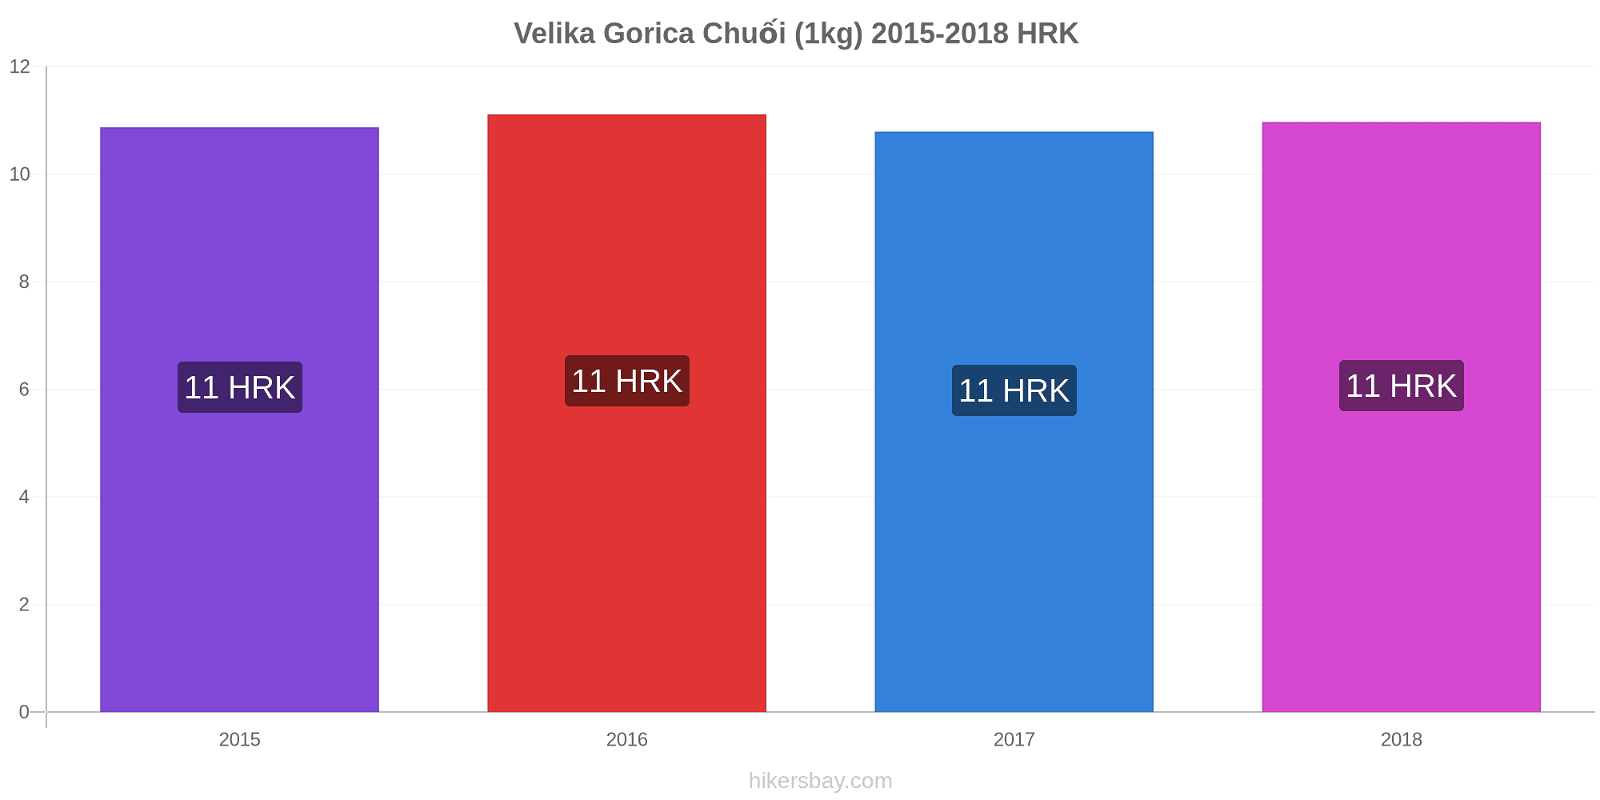 Velika Gorica thay đổi giá Chuối (1kg) hikersbay.com